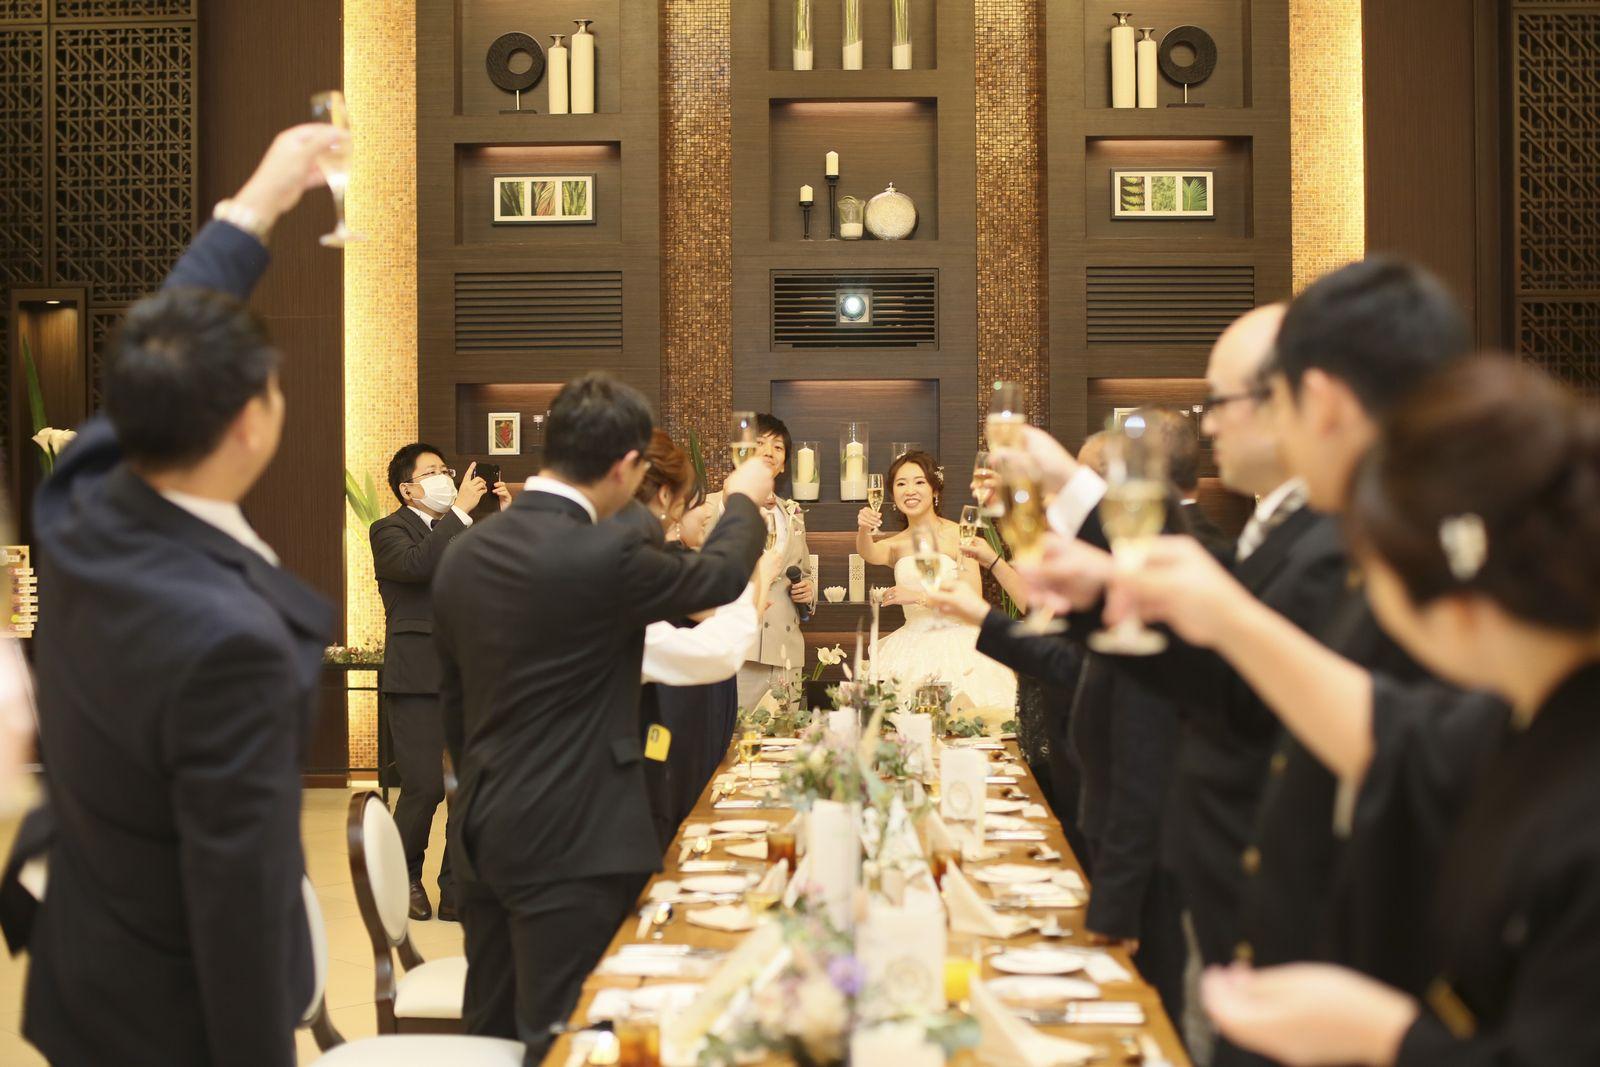 徳島県の結婚式場ブランアンジュの披露宴会場で乾杯を行う様子